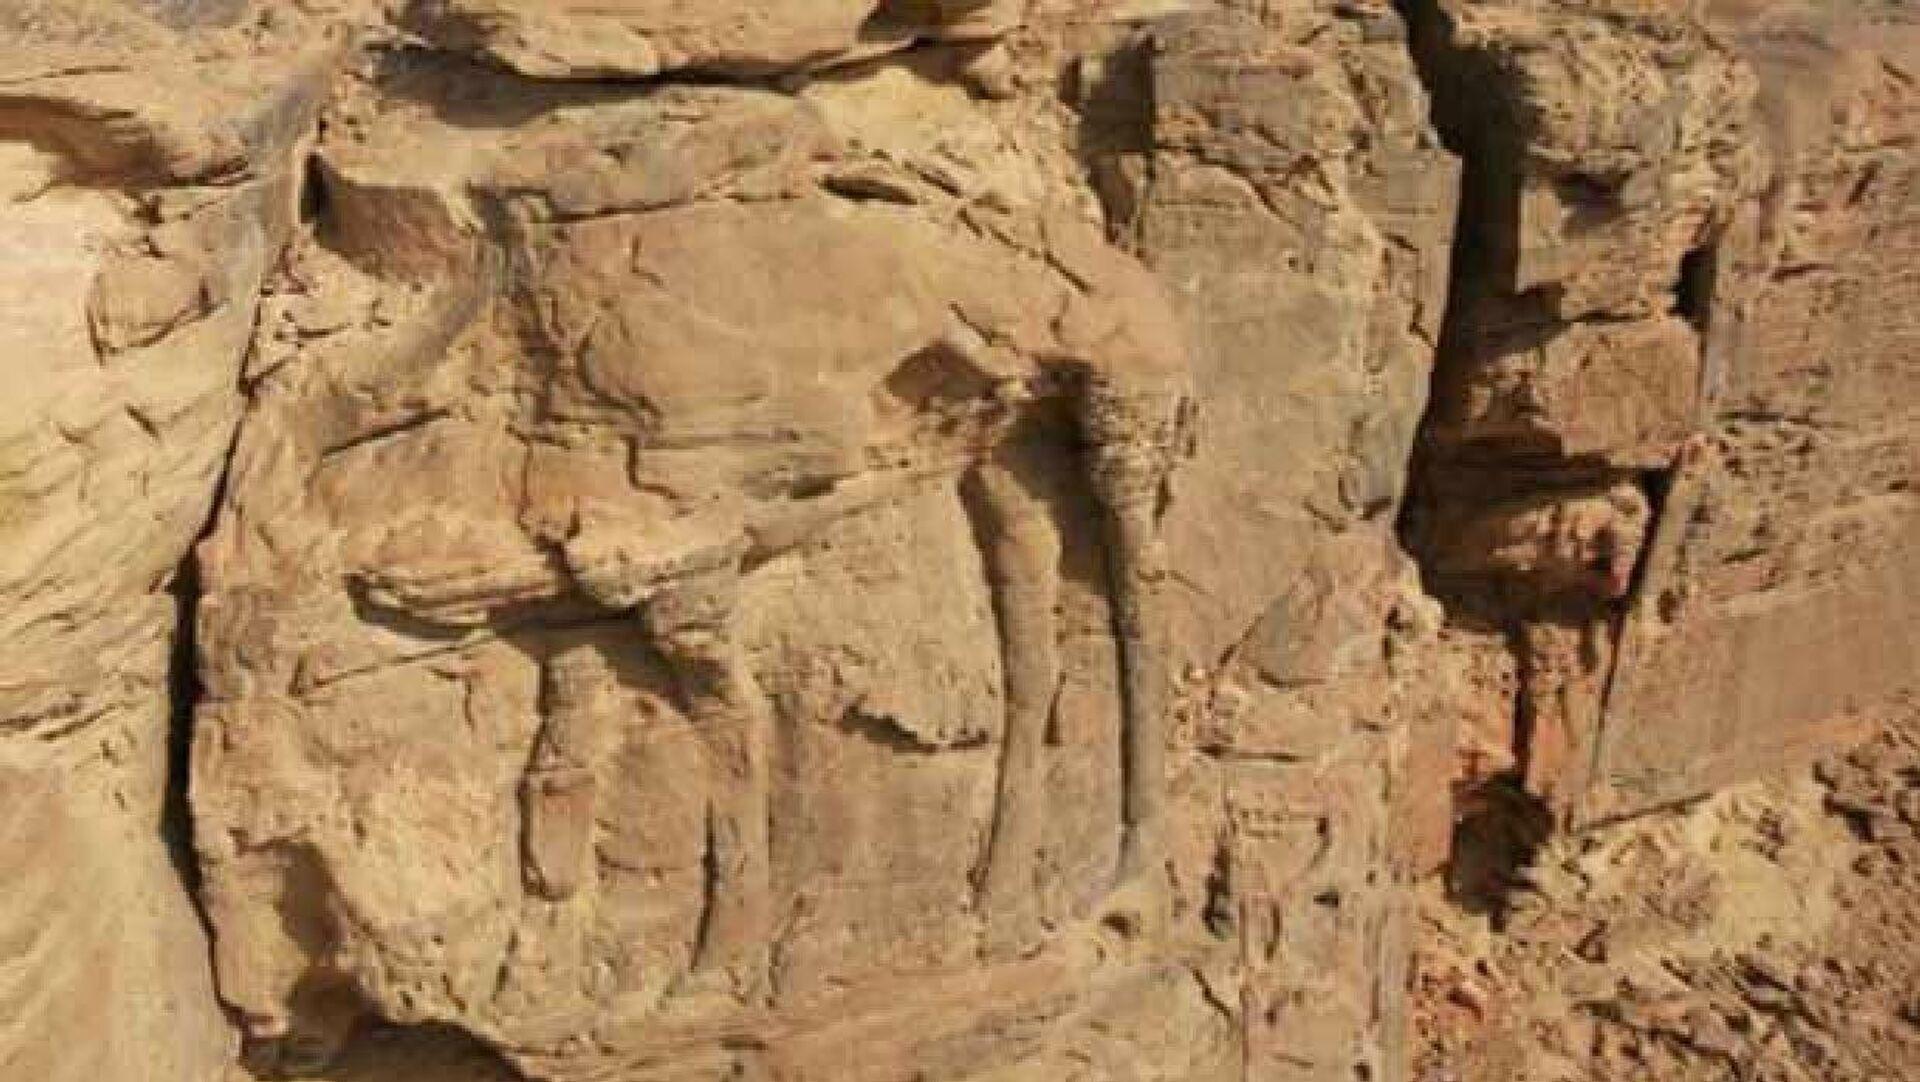 Suudi Arabistan'da kayalara kazınmış deve figürleri 8 bin yıllık çıktı - Sputnik Türkiye, 1920, 16.09.2021